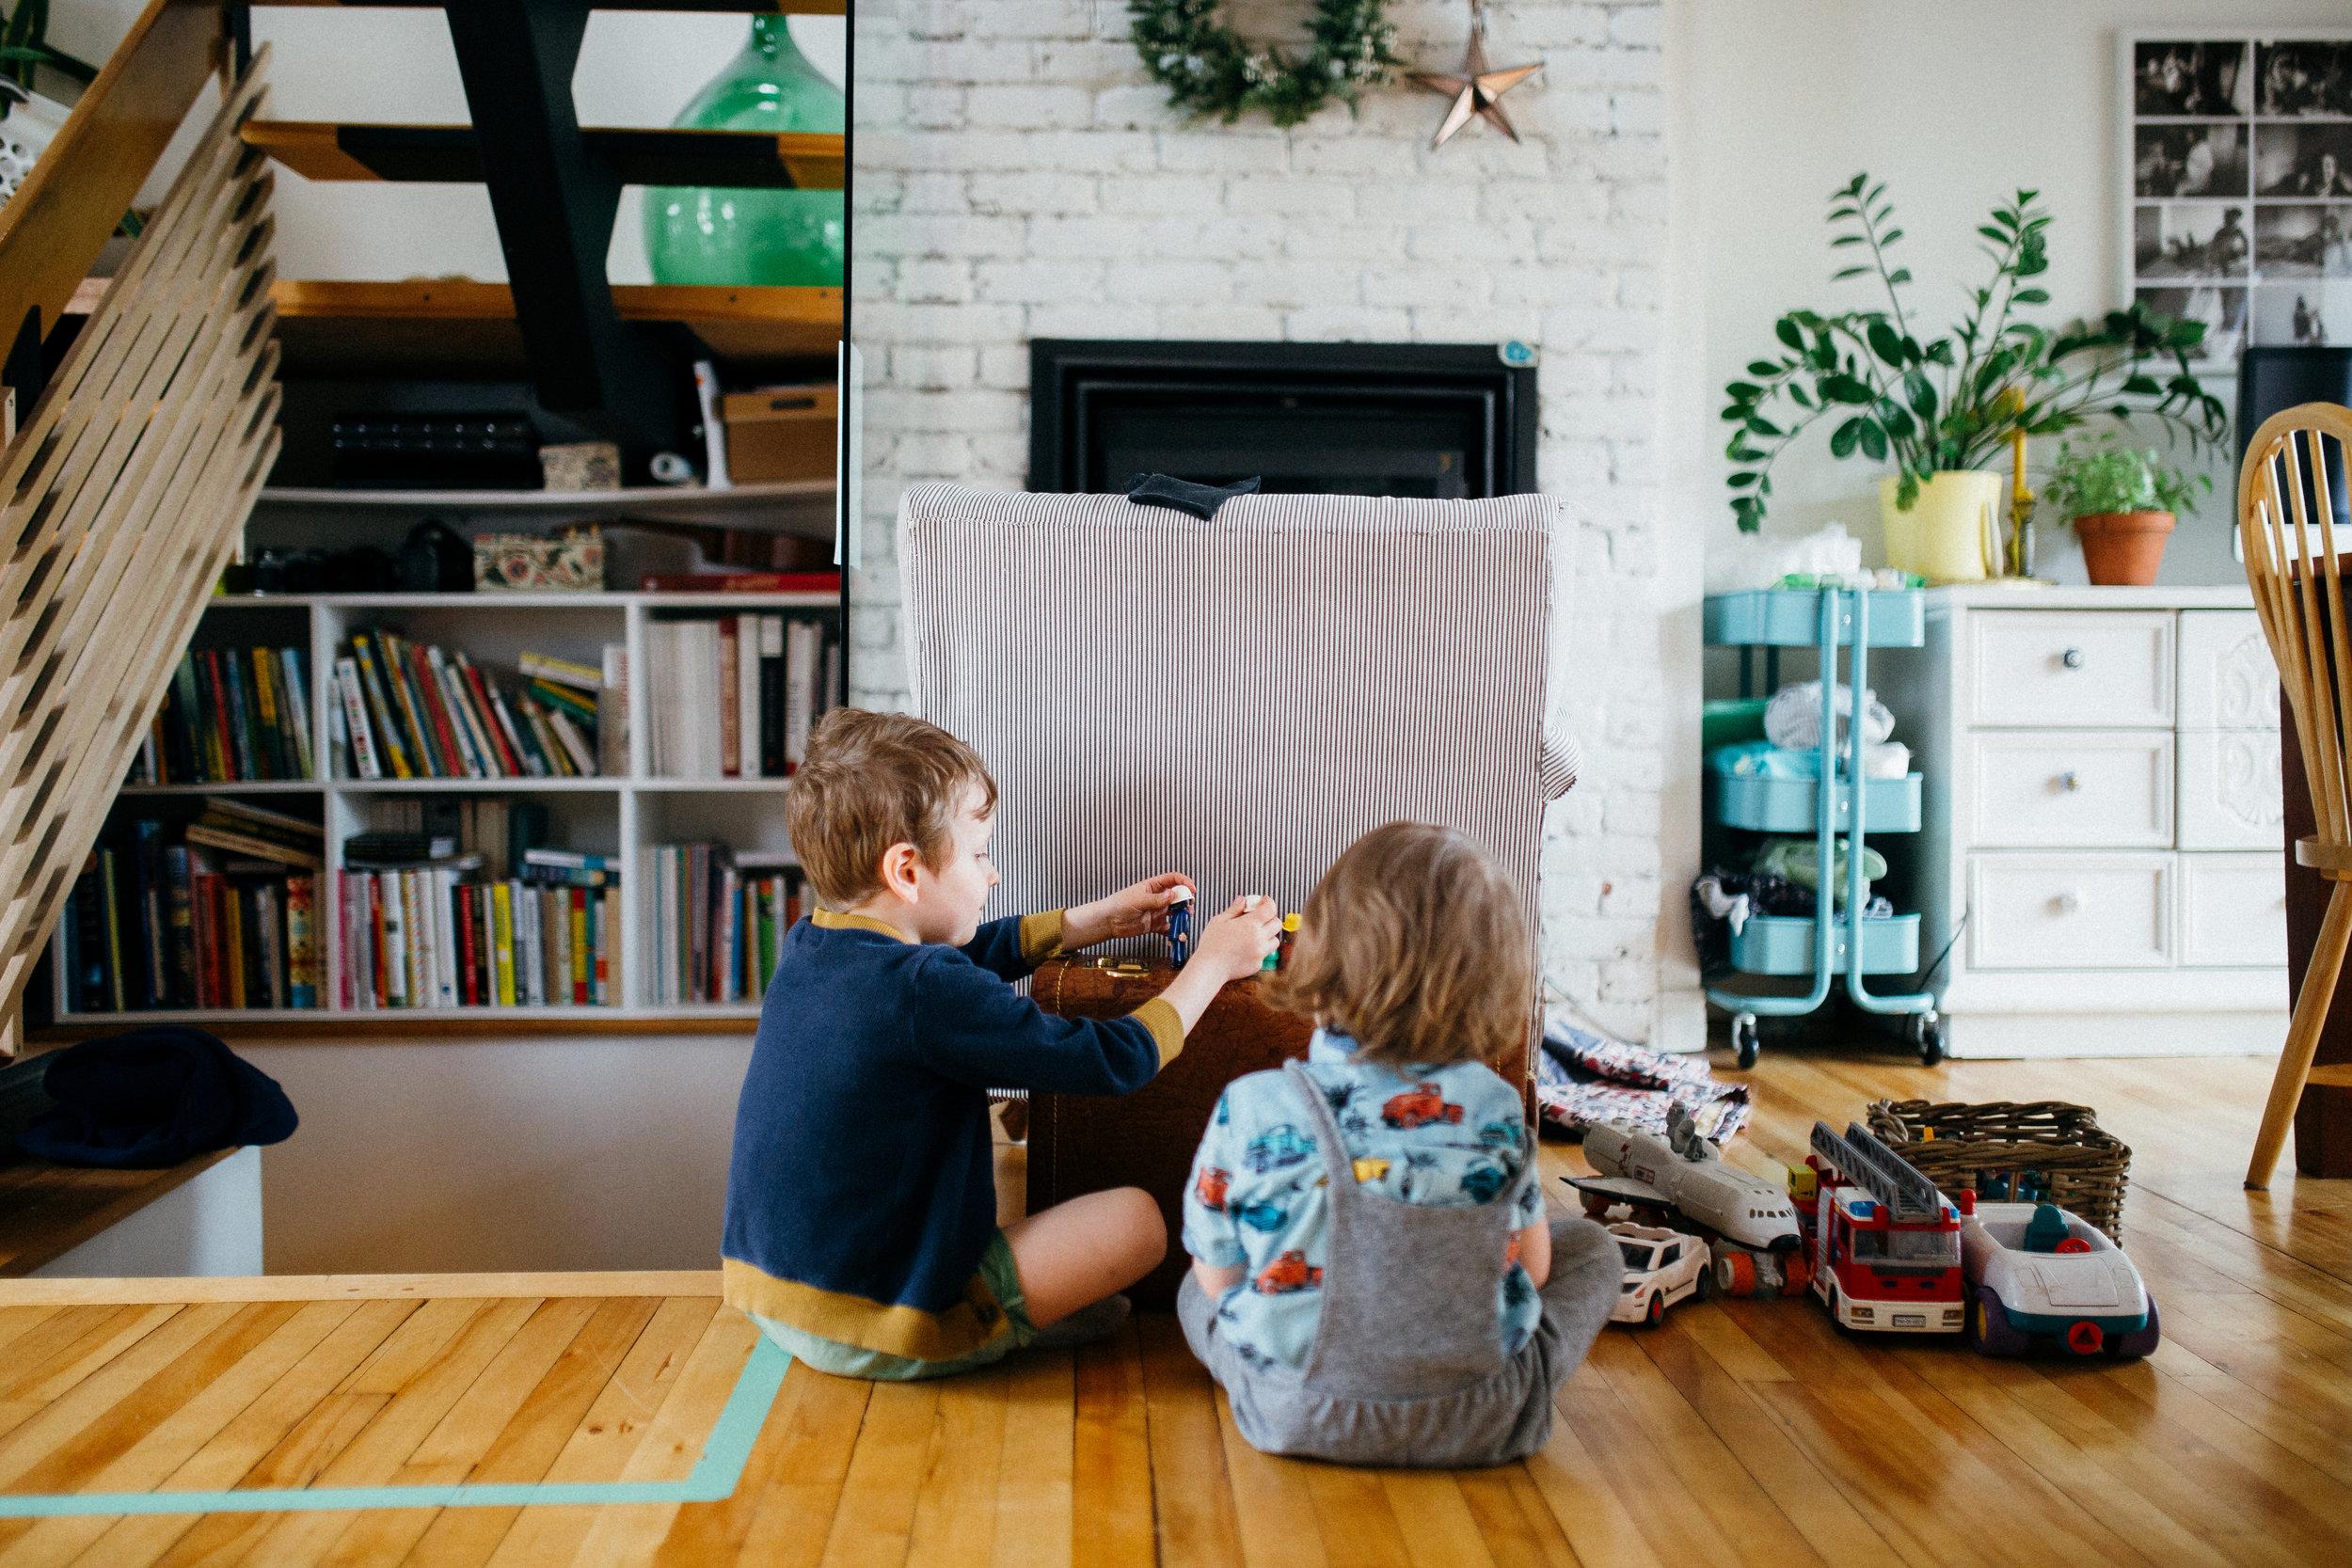 Paul et sa poupée en porte-bébé. Un jeu qu'il affectionne beaucoup depuis très longtemps. Un jeu tellement sain à mon sens!